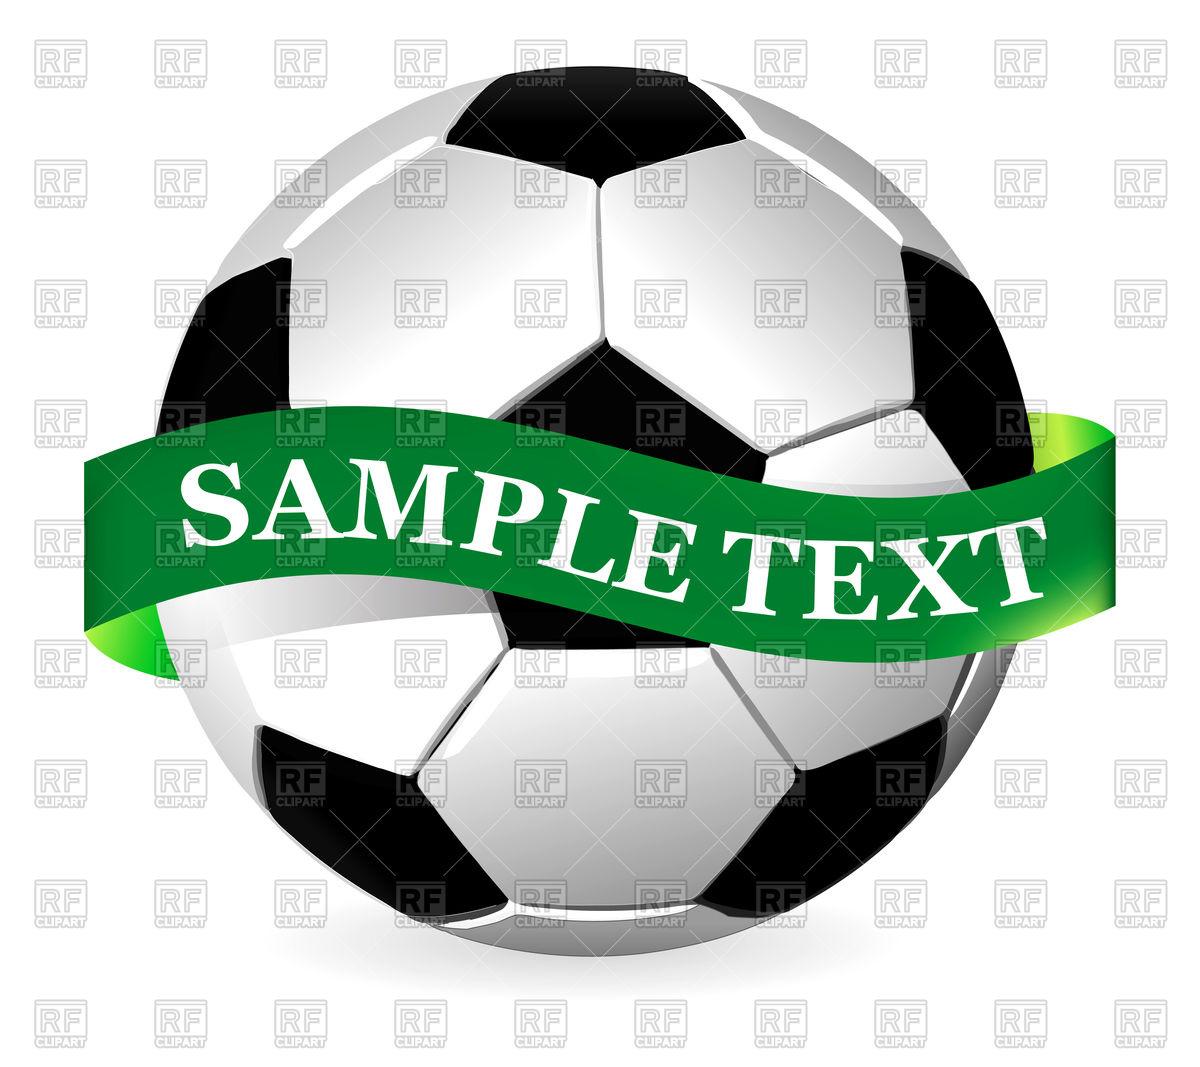 Soccer ball clipart eps banner black and white download Soccer ball clipart eps - ClipartFest banner black and white download